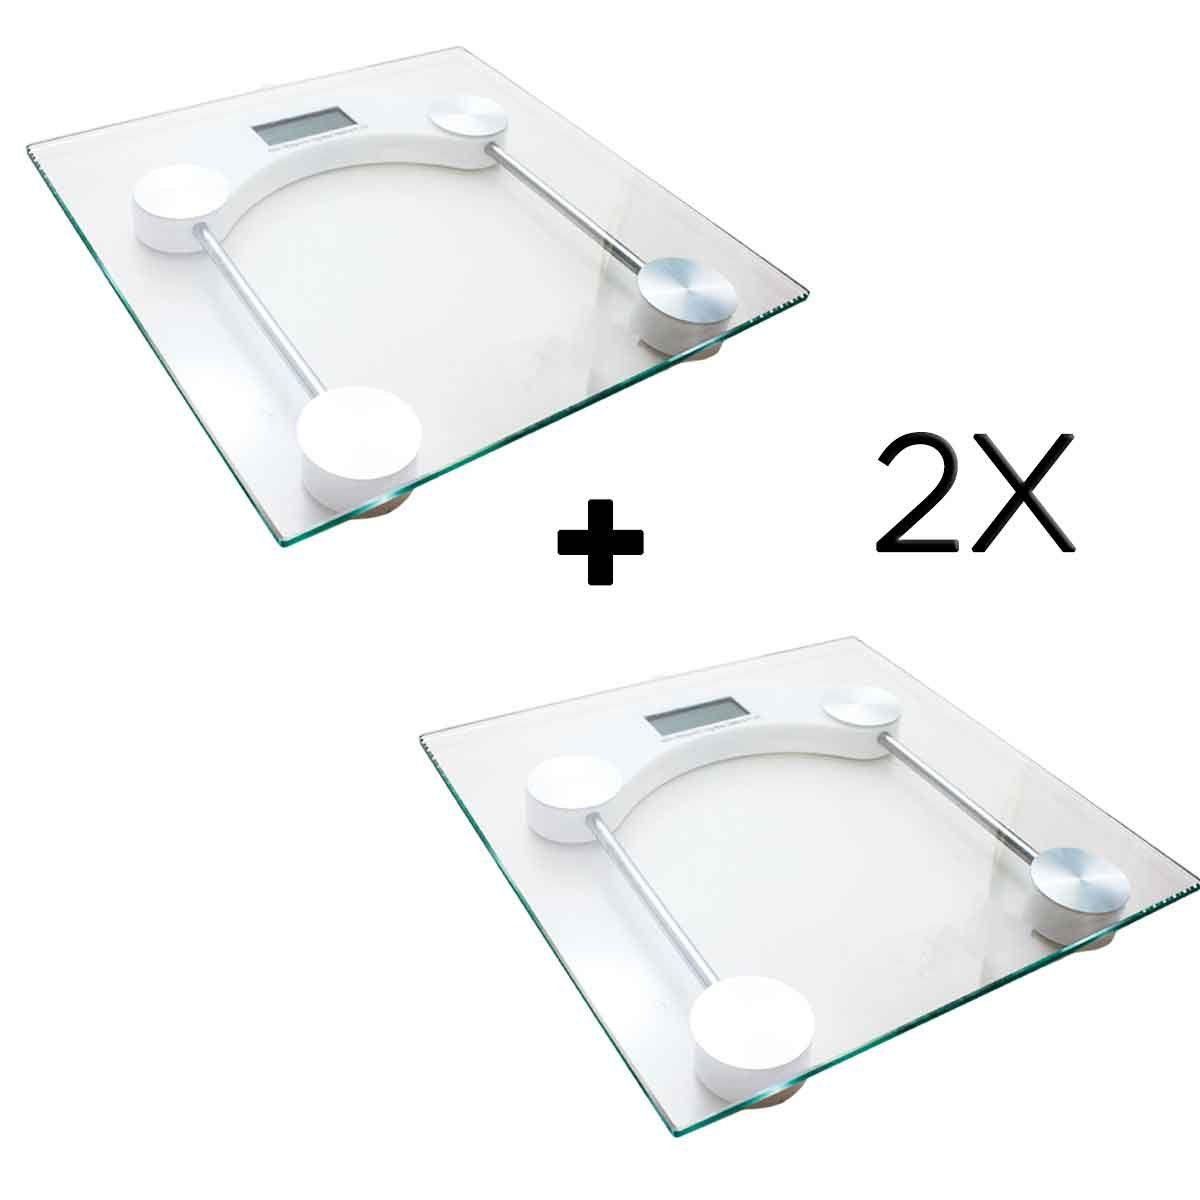 2x Balança Digital Quadrada Vidro Temperado Banheiro Academias